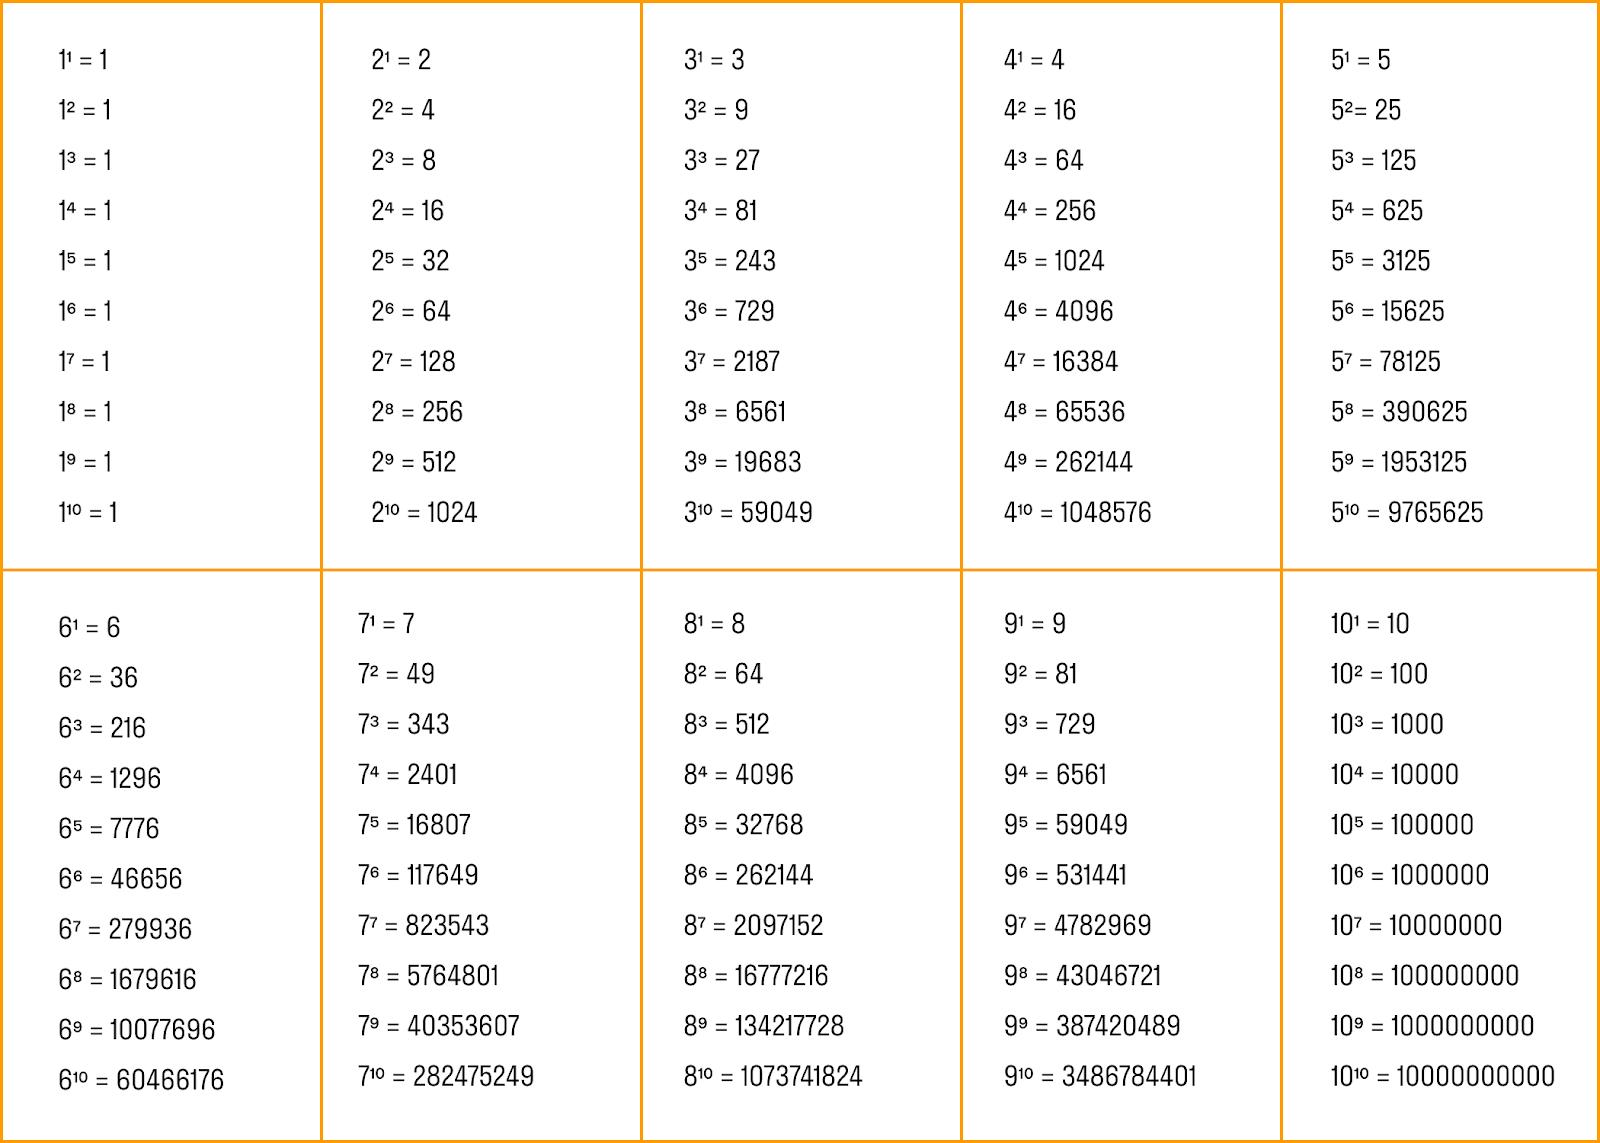 таблица чисел в степени от 1 до 10